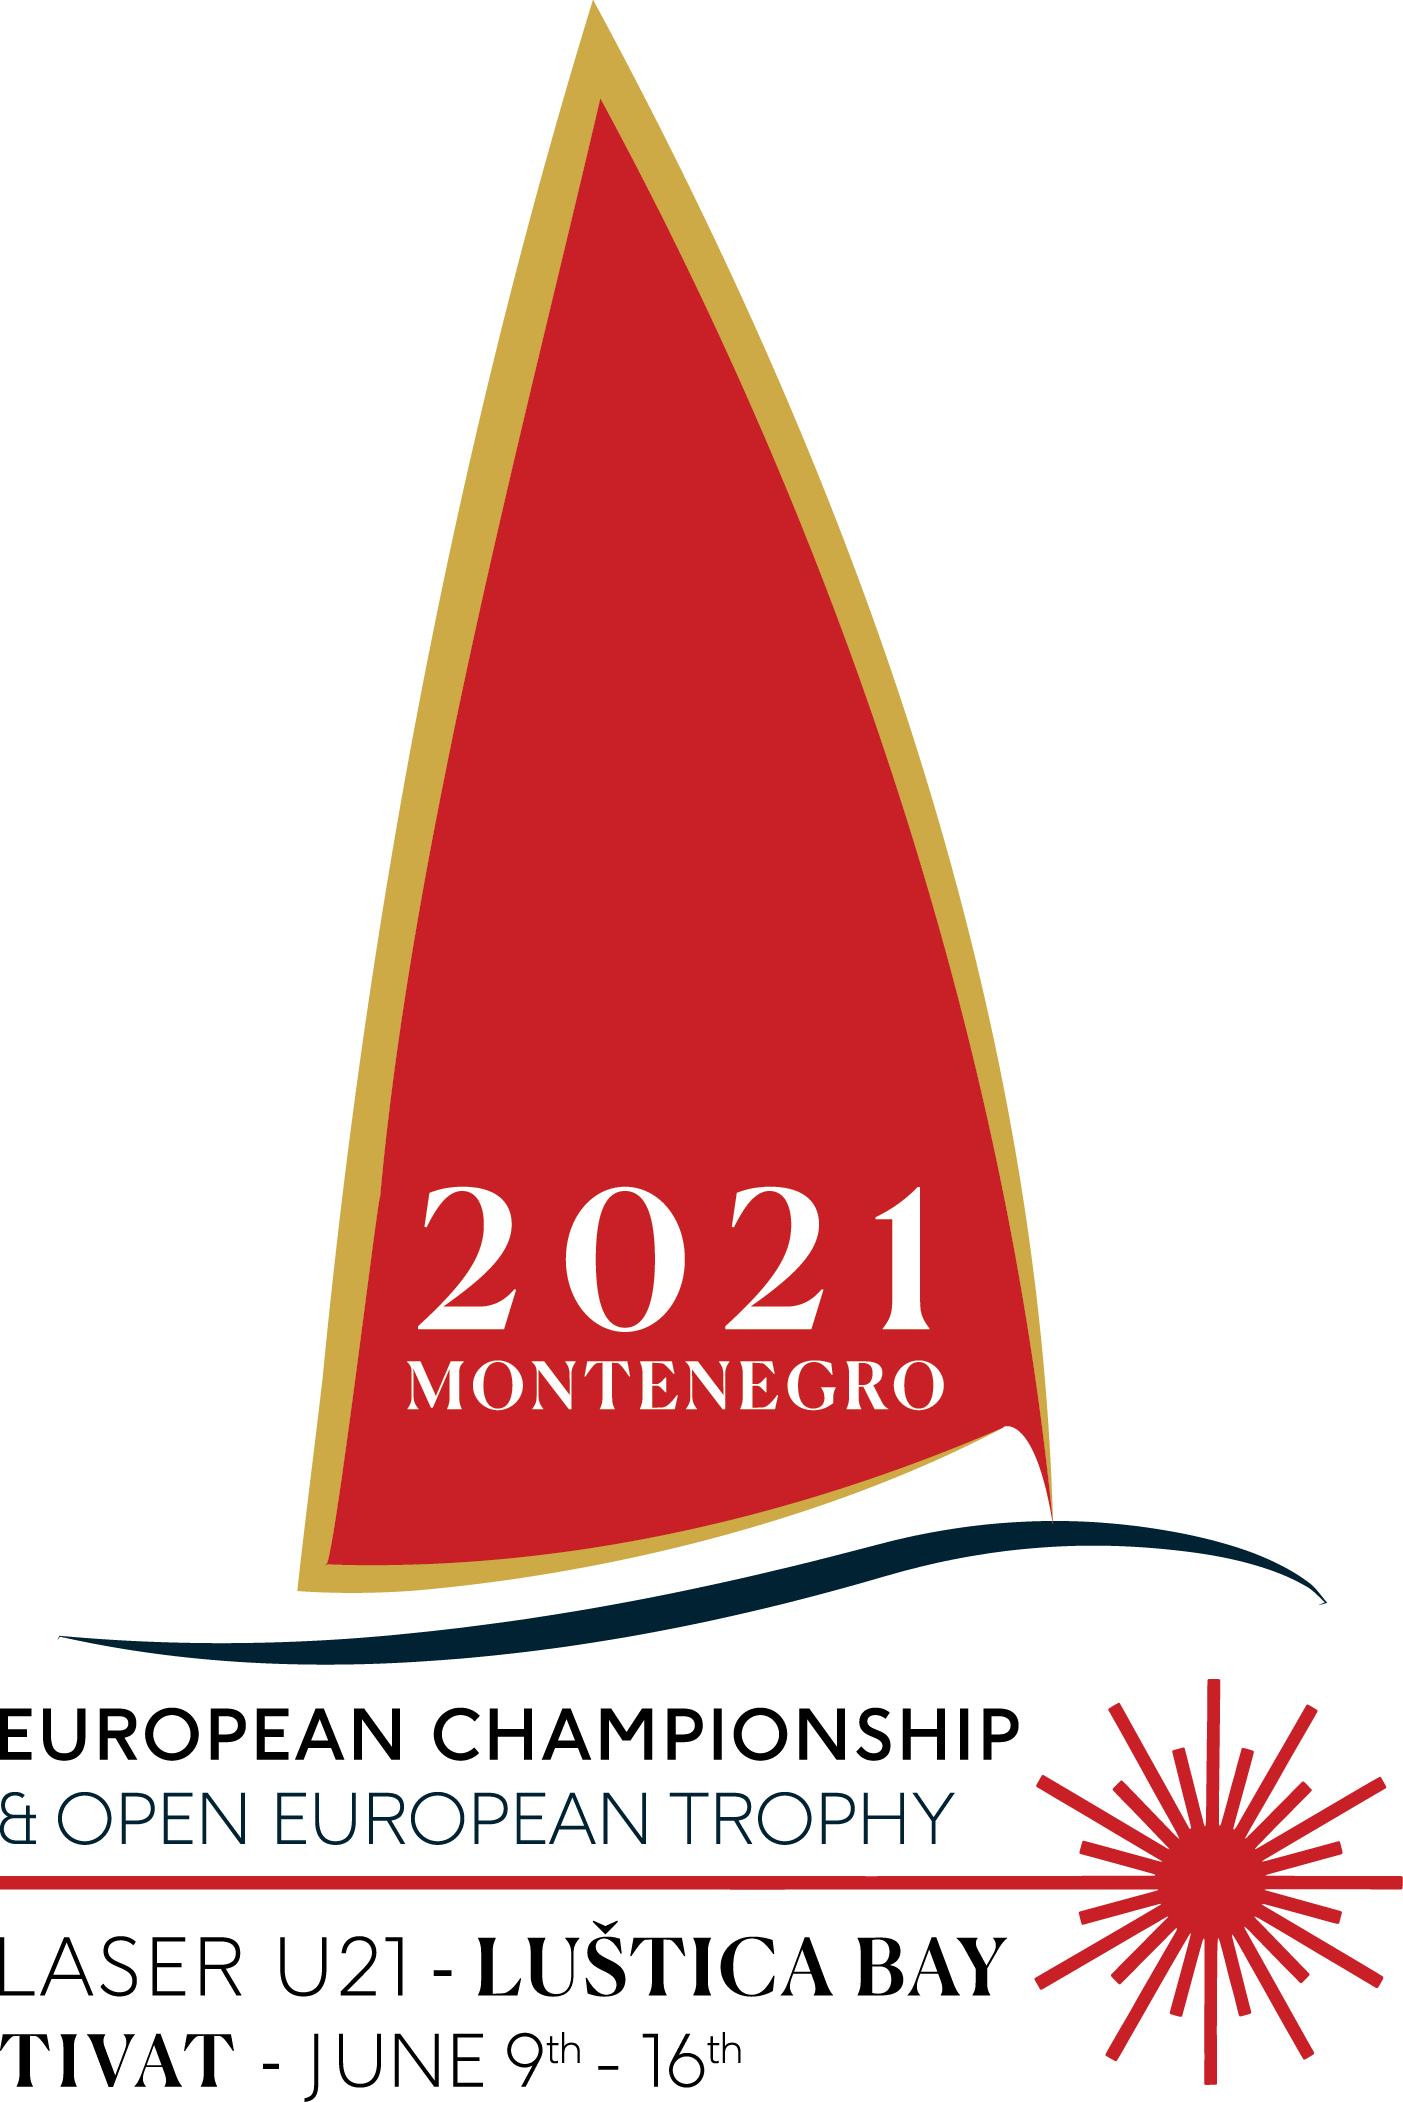 Luštica Bay Under 21 European Championships & Open European Trophy 2021